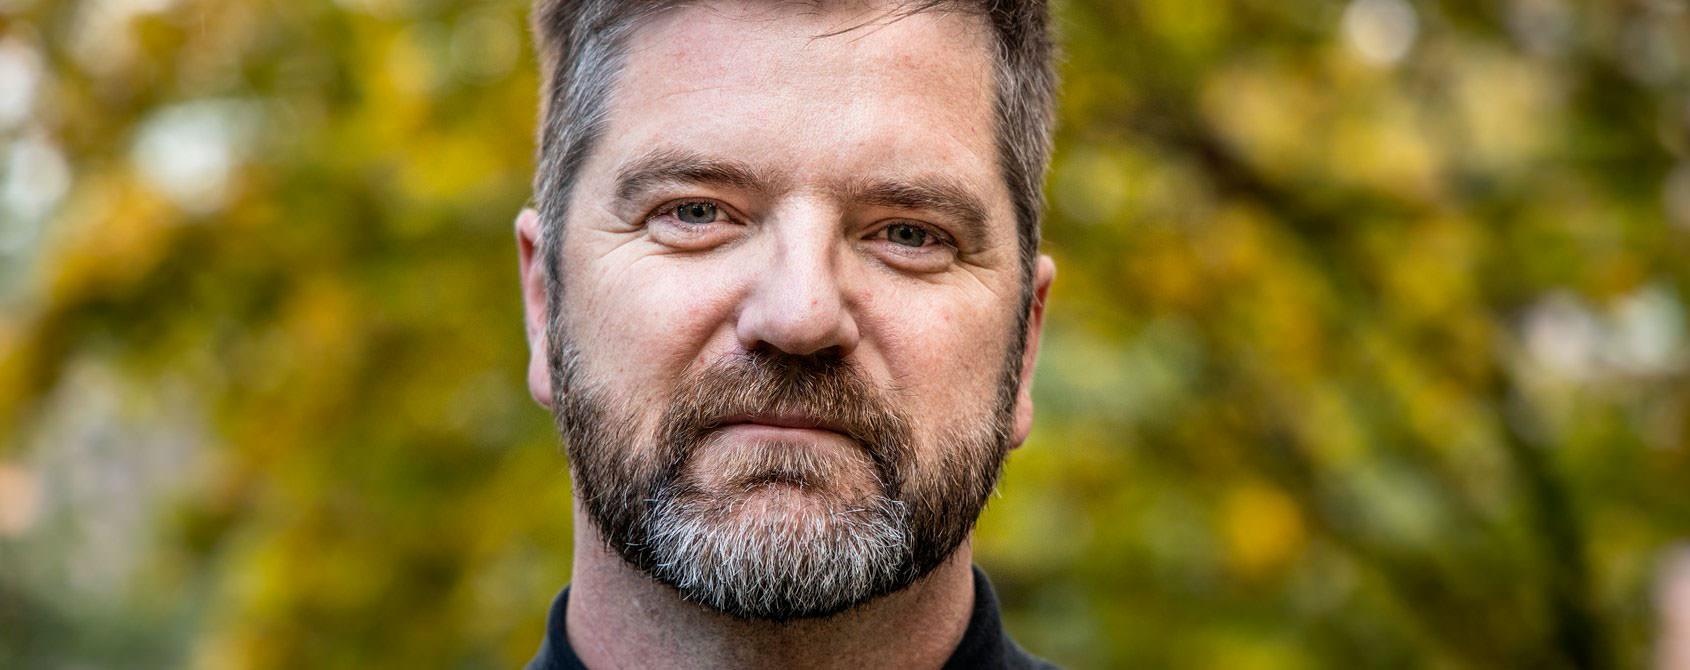 Emil Bood blir ny verksamhetschef för Fastighetsbranschens Utbildningsnämnd